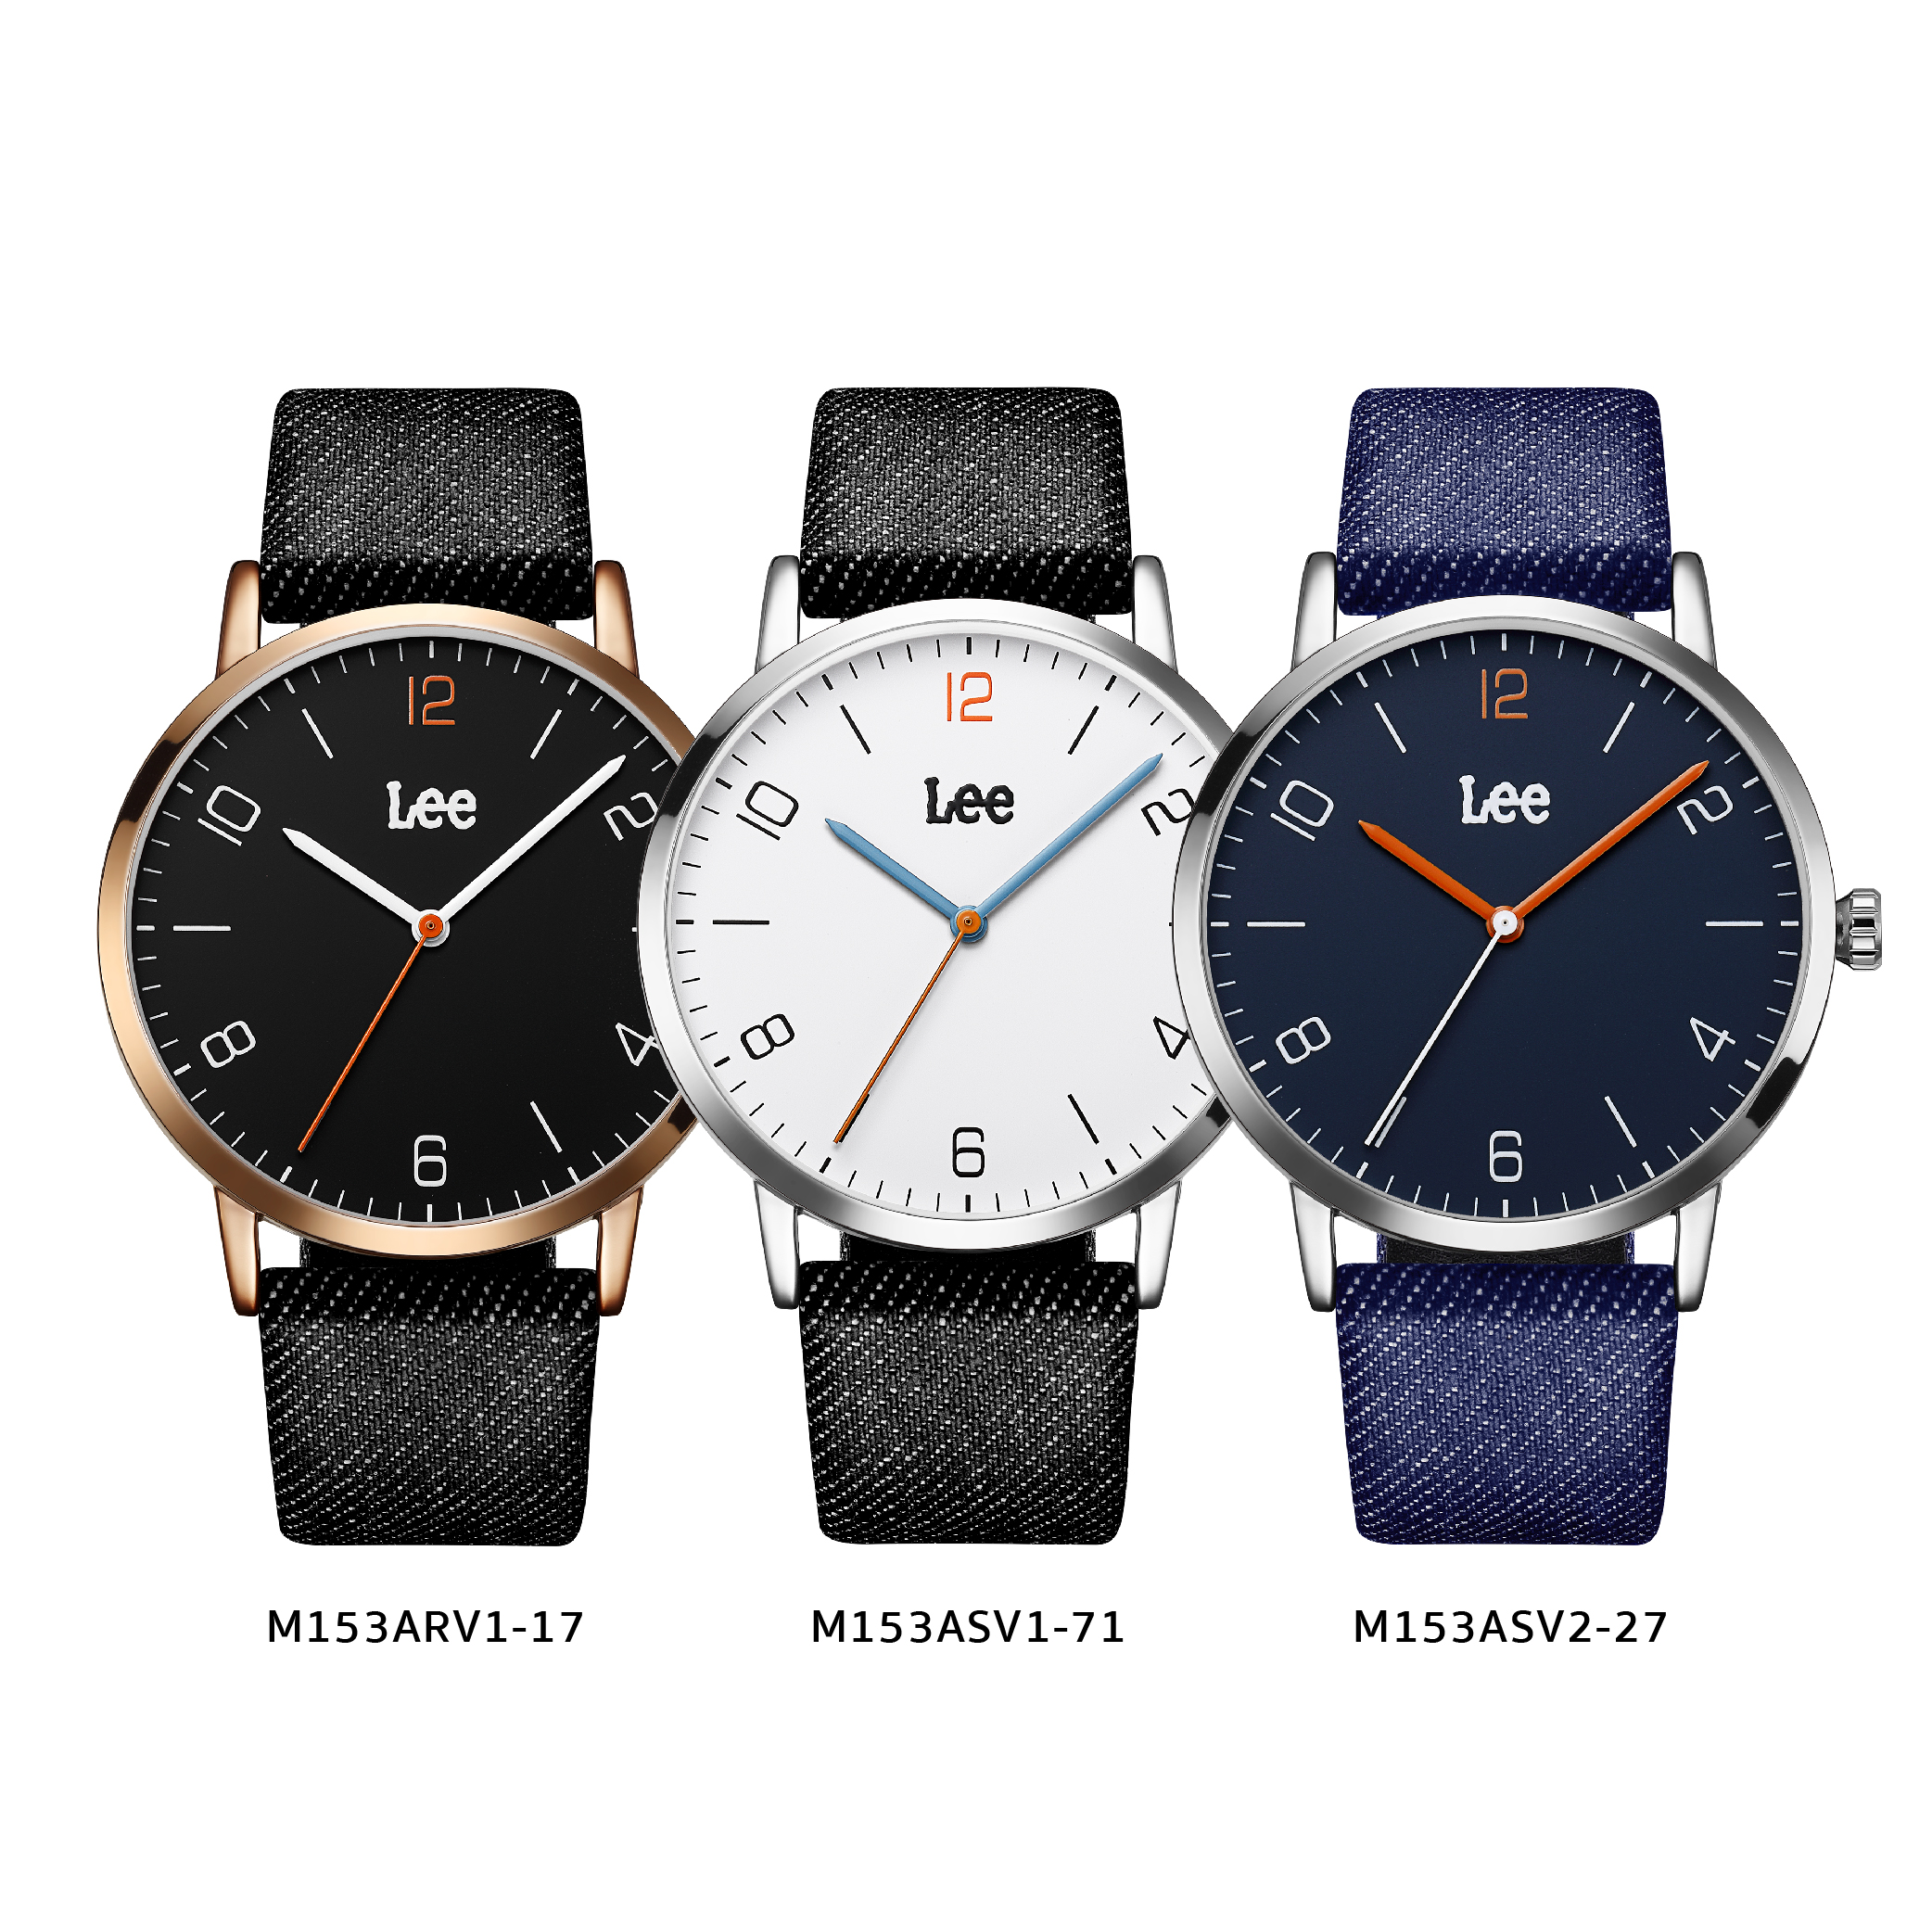 นาฬิกาข้อมือผู้ชาย LEE LEF-M153ASV2-27